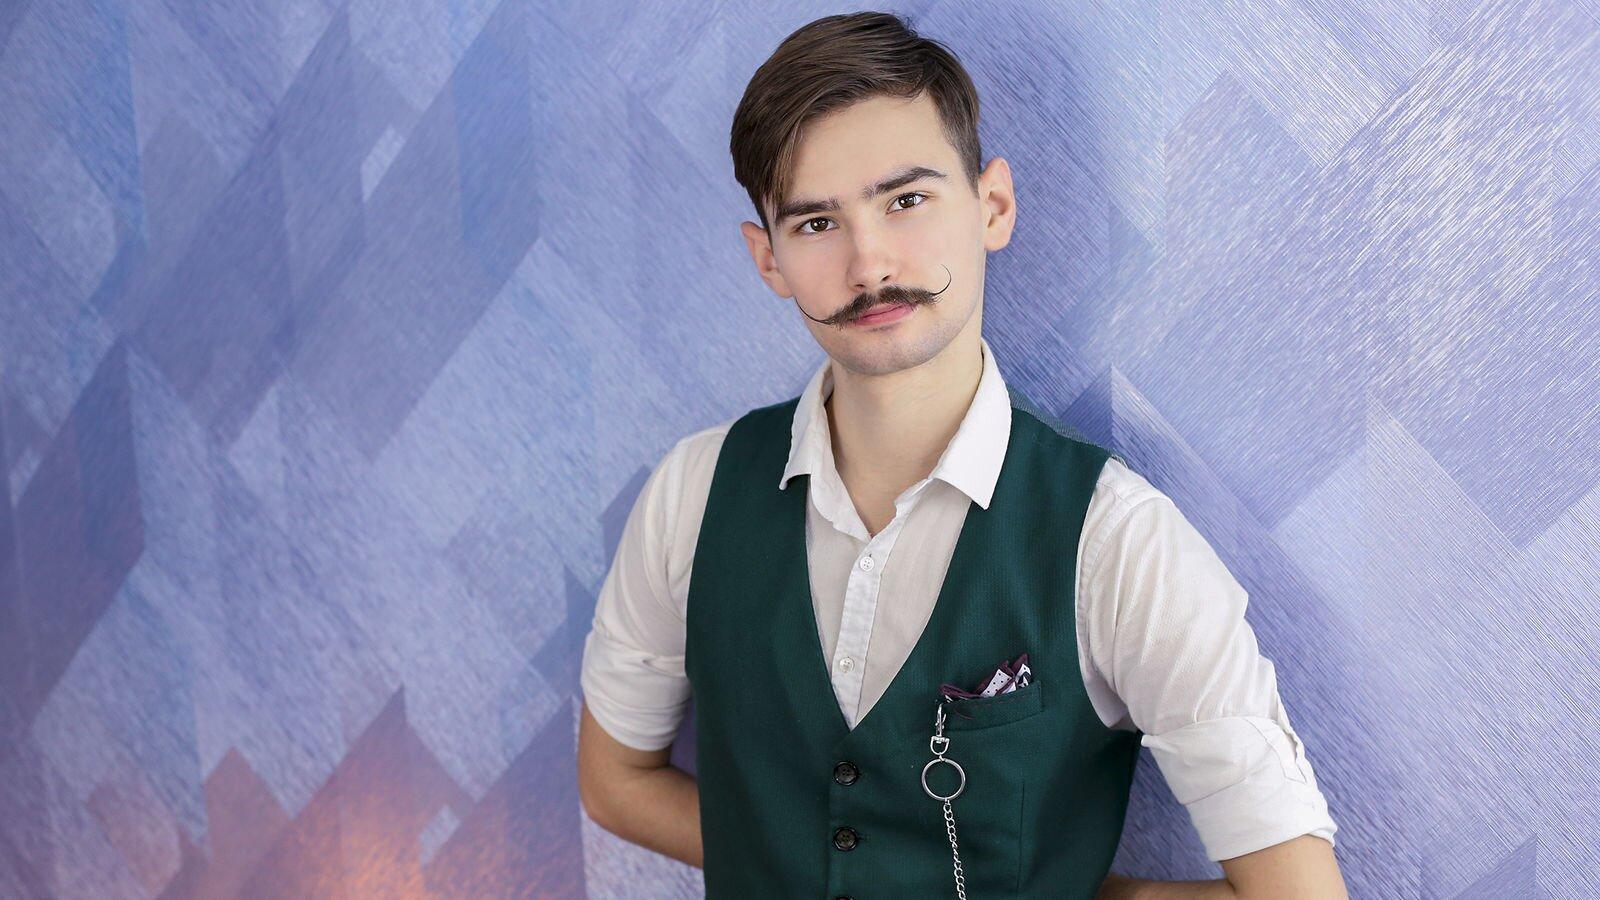 JakeMilner